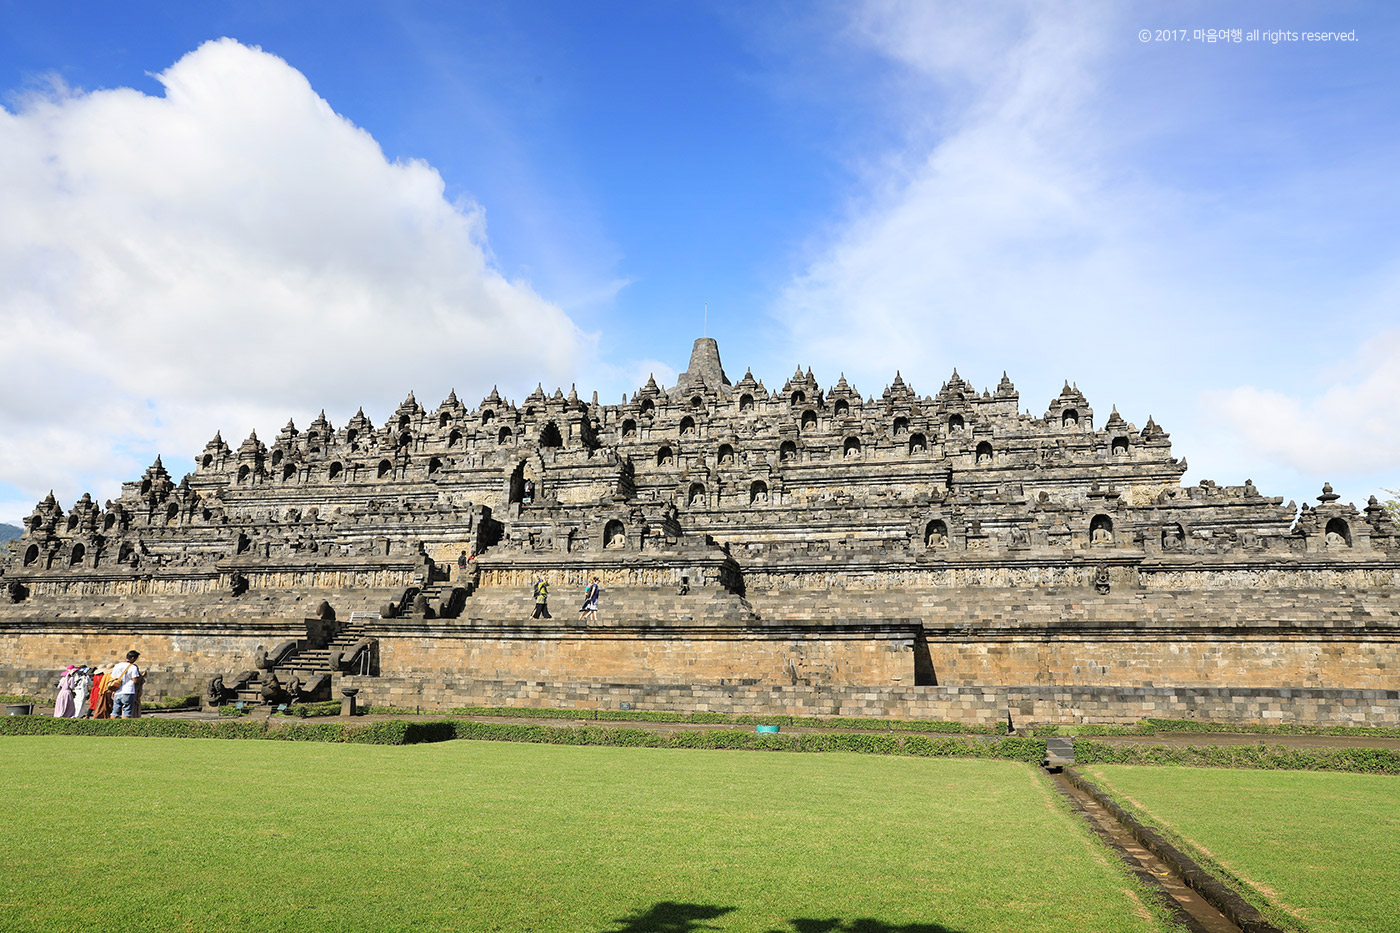 승방의 언덕, 세계 최대의 불탑 - 보로부두르 사원